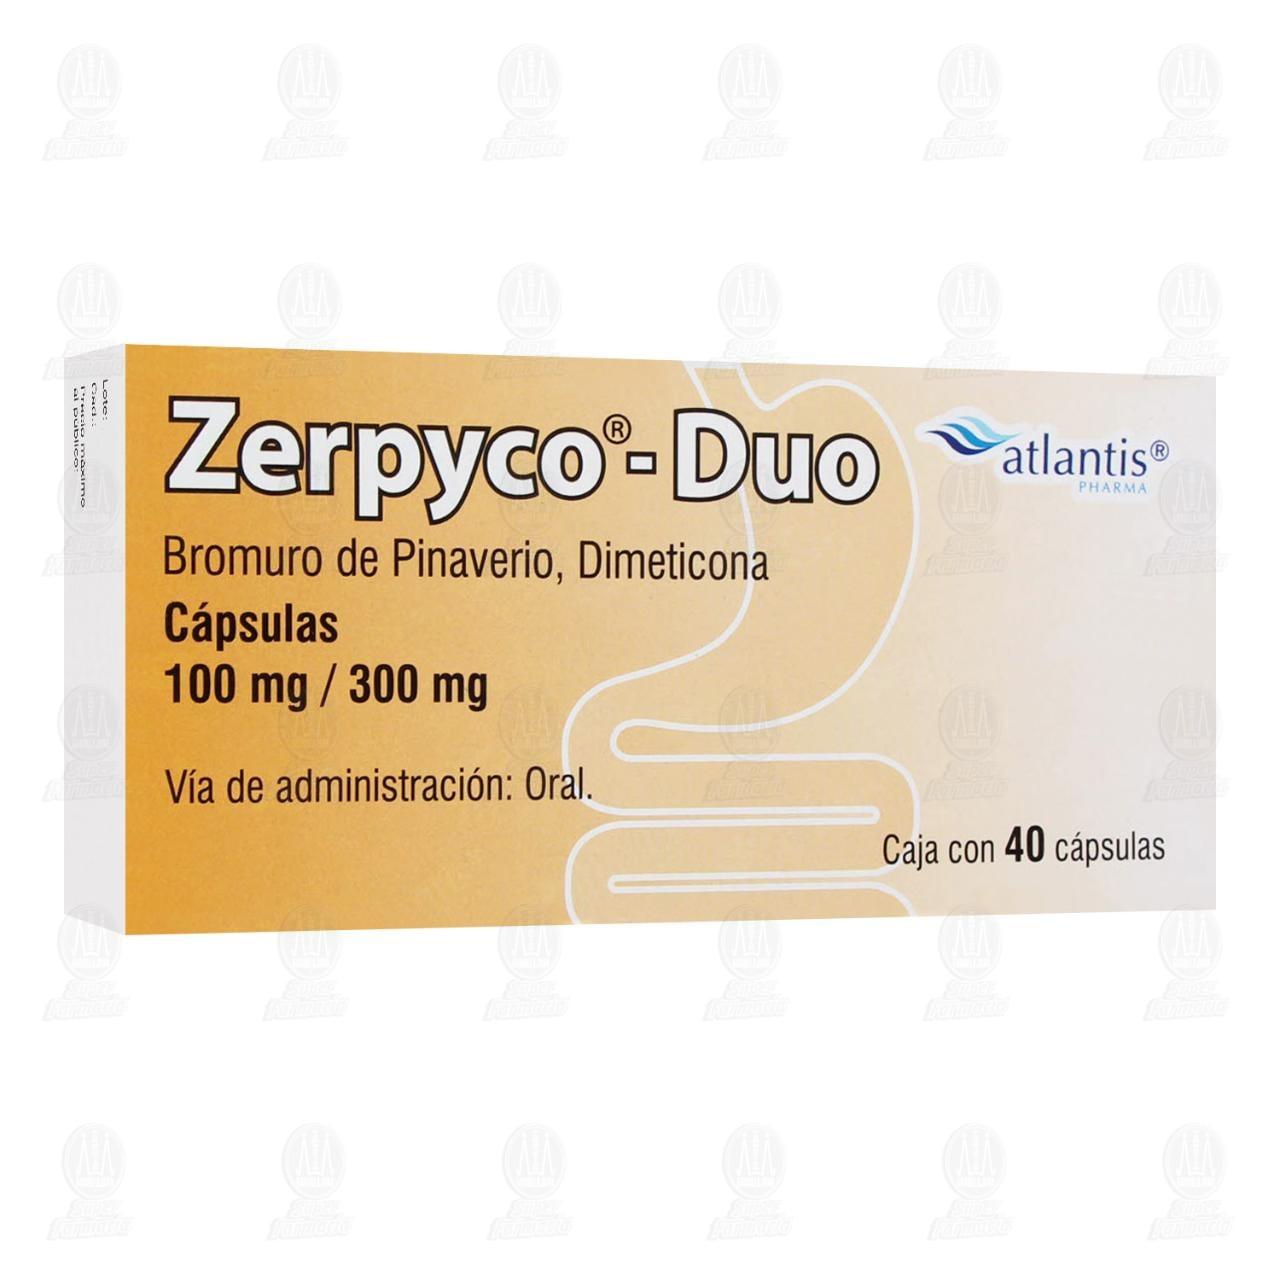 comprar https://www.movil.farmaciasguadalajara.com/wcsstore/FGCAS/wcs/products/1340484_A_1280_AL.jpg en farmacias guadalajara